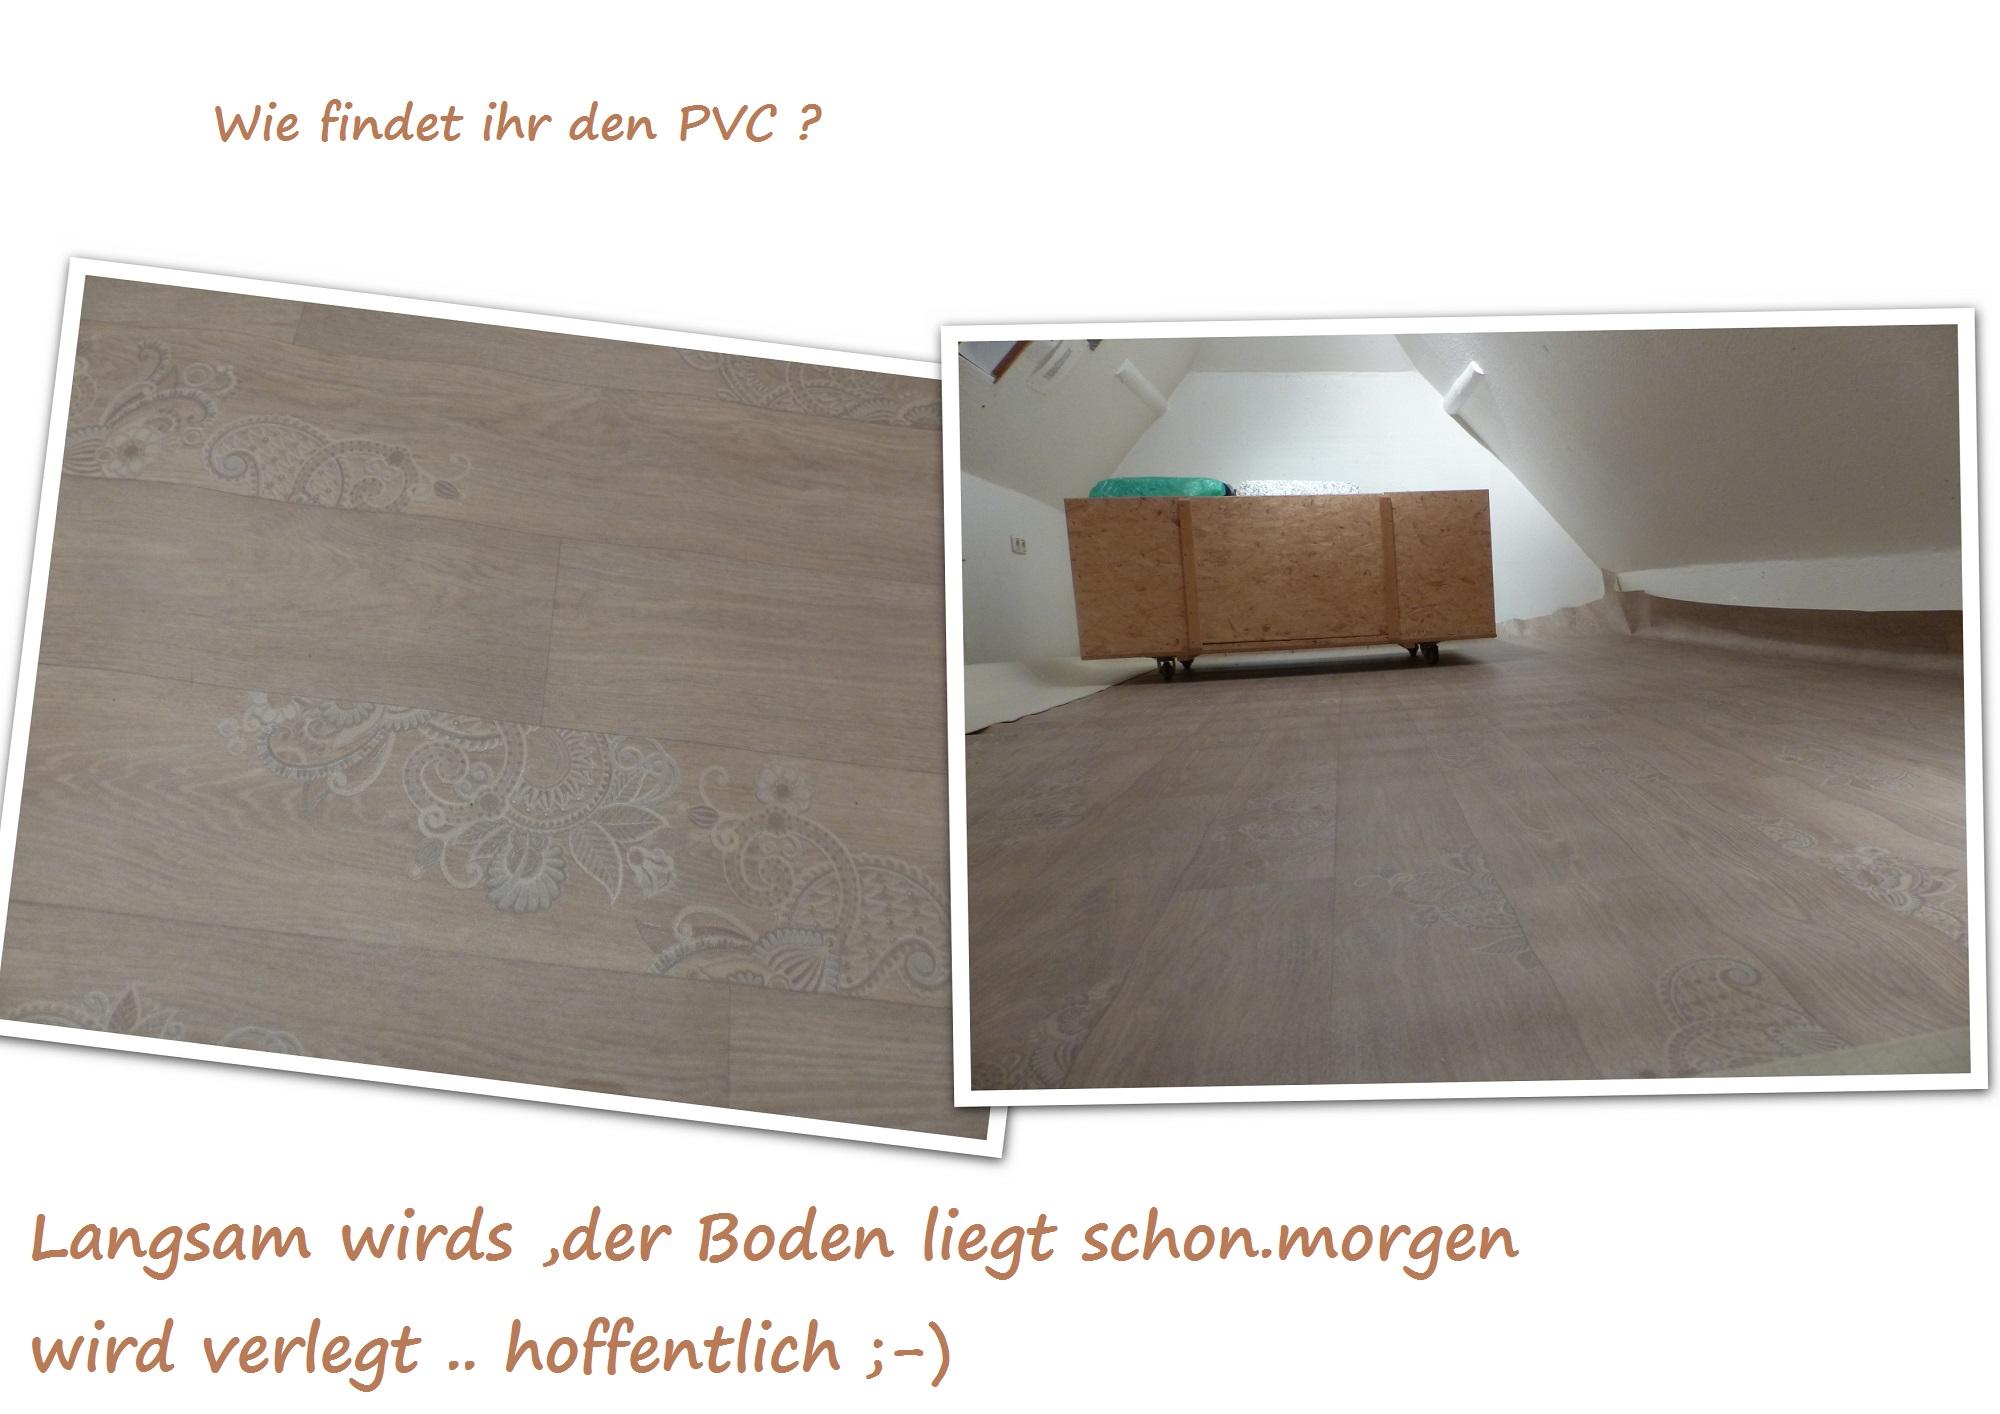 Wunderbar Verstecken Sie Kabeldrähte Entlang Der Basiskarten Bilder ...